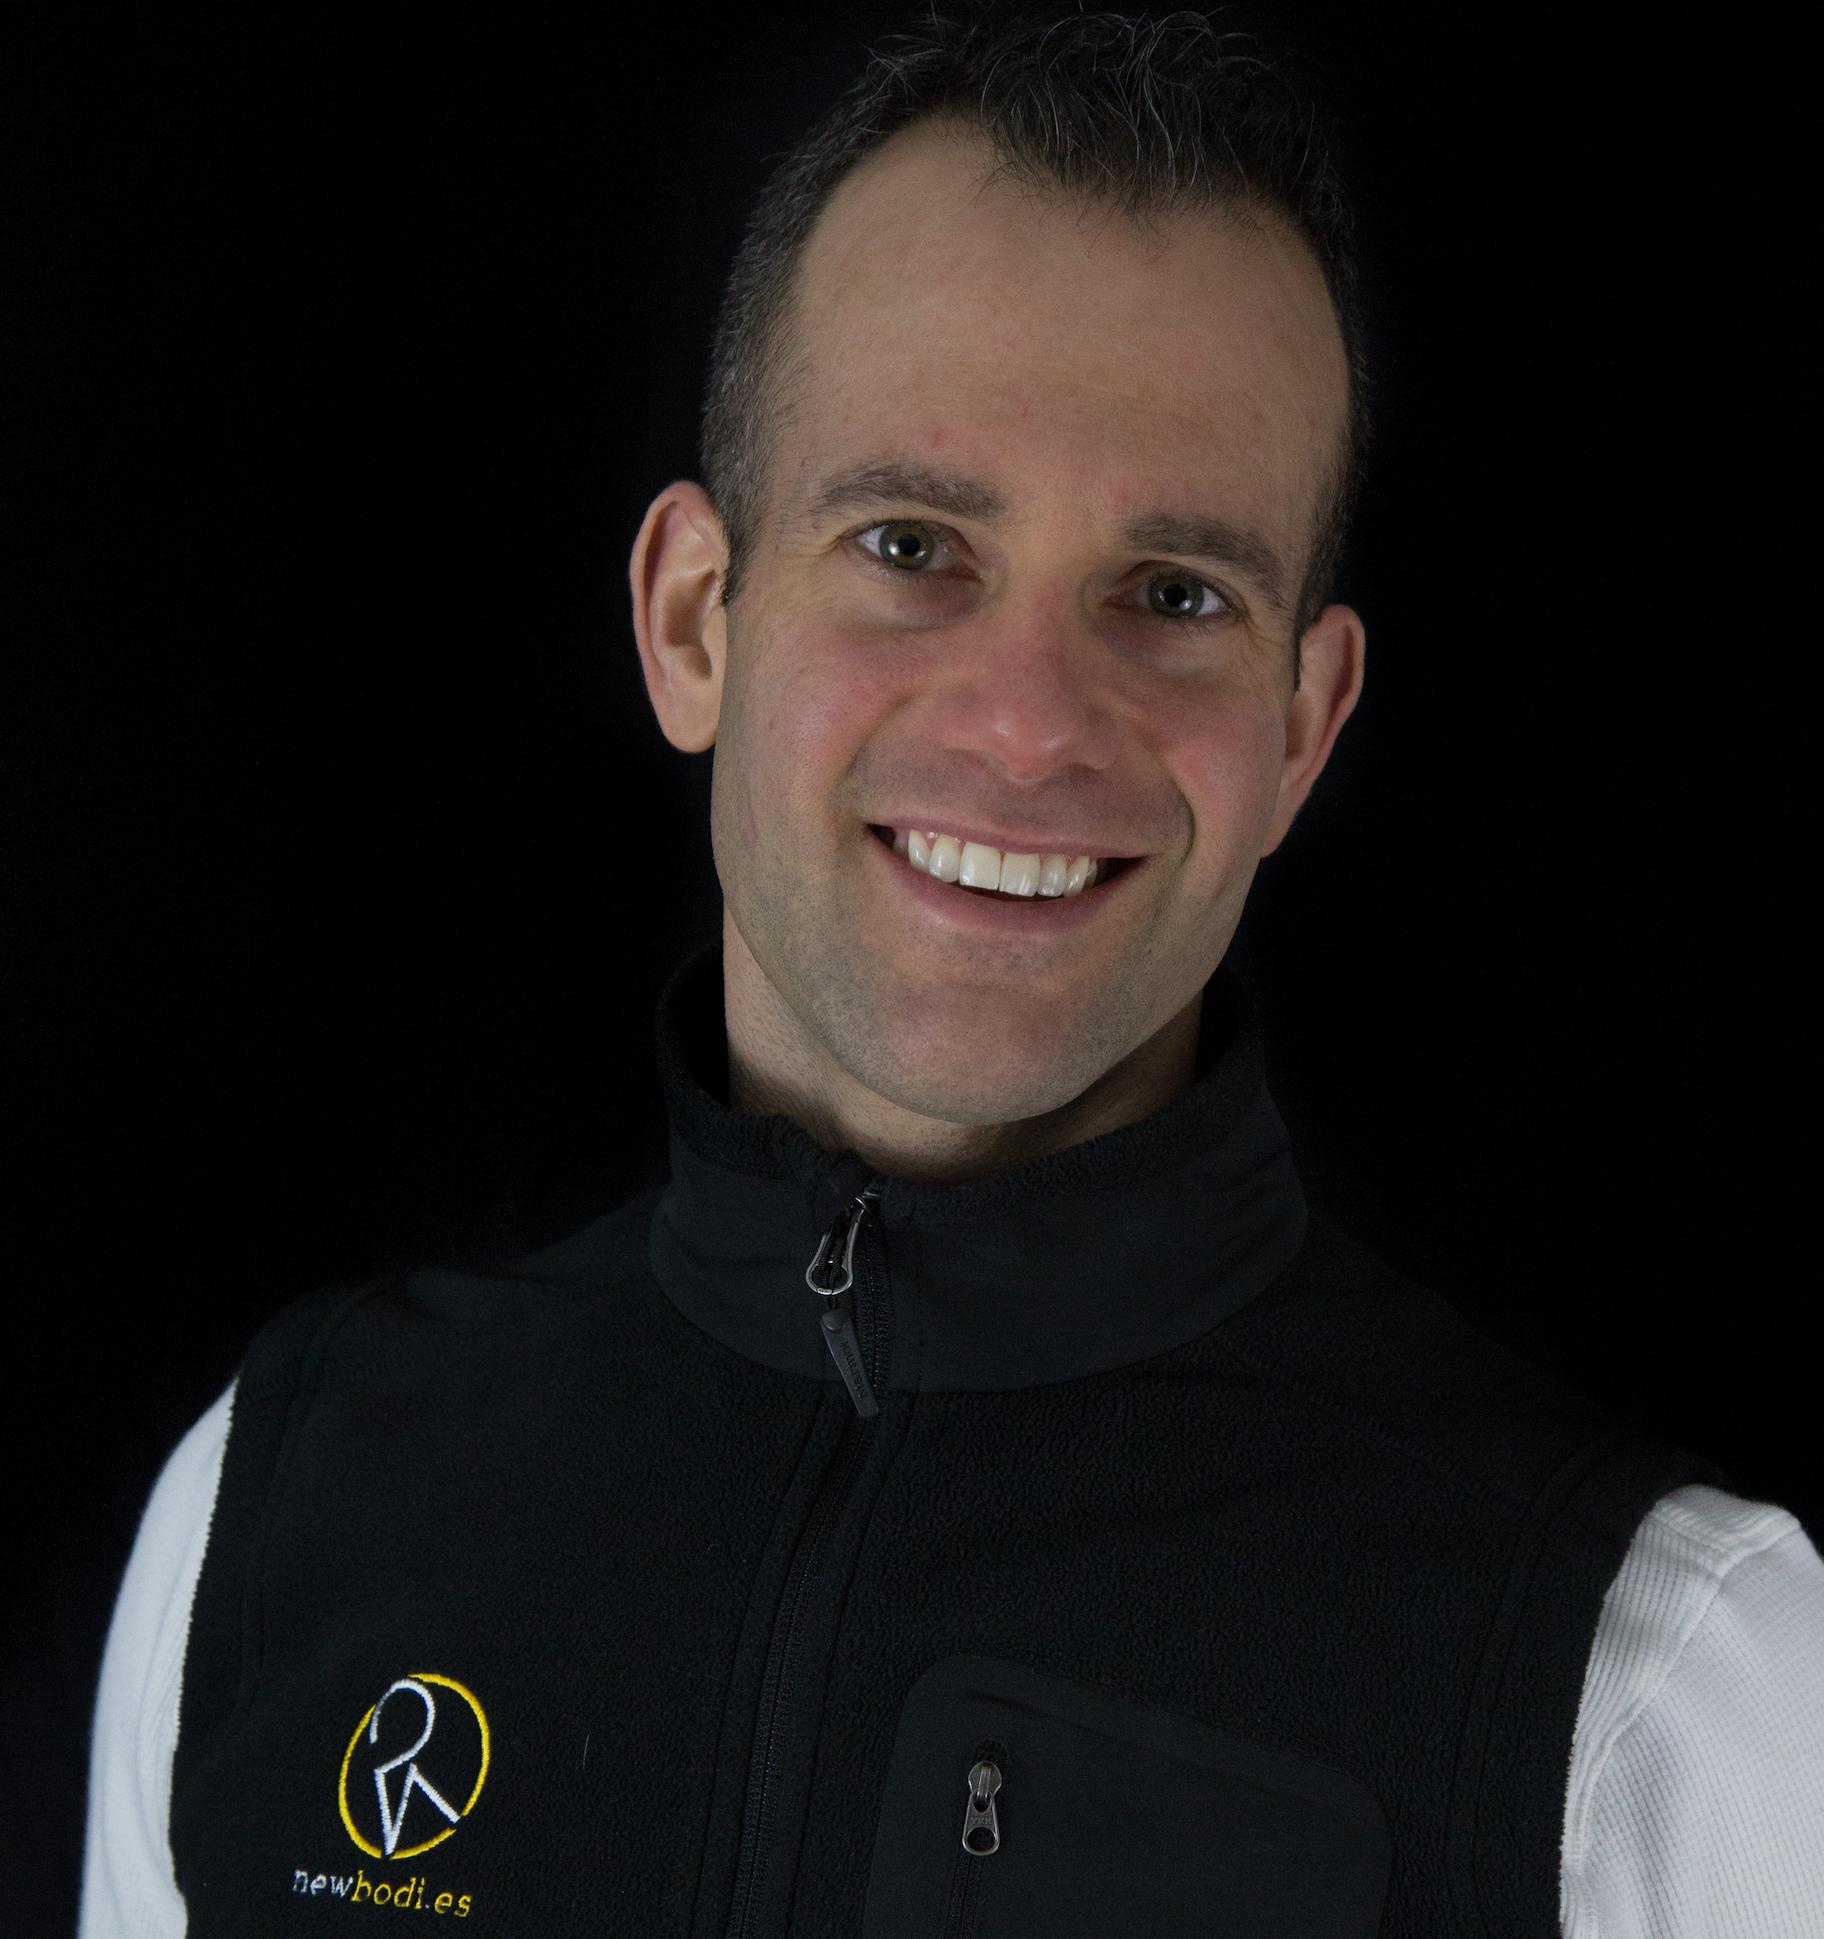 Bryan Falchuk